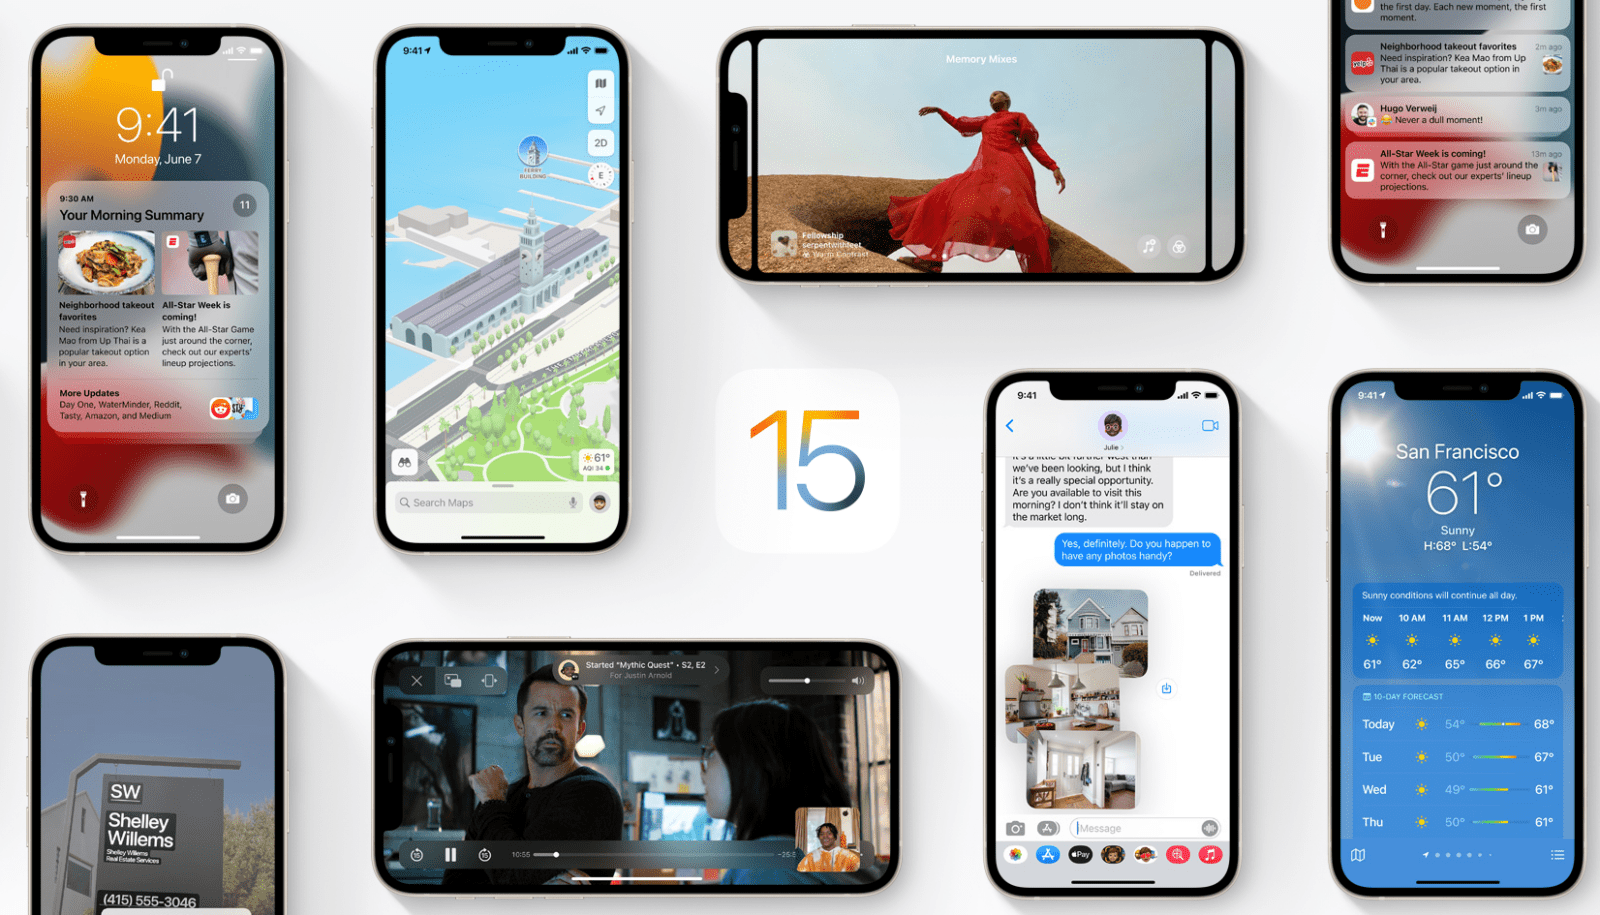 Как установить публичные бета-версии iOS 15 и iPadOS 15 (screenshot www.apple .com 2021.06.07 22 09 08 large)